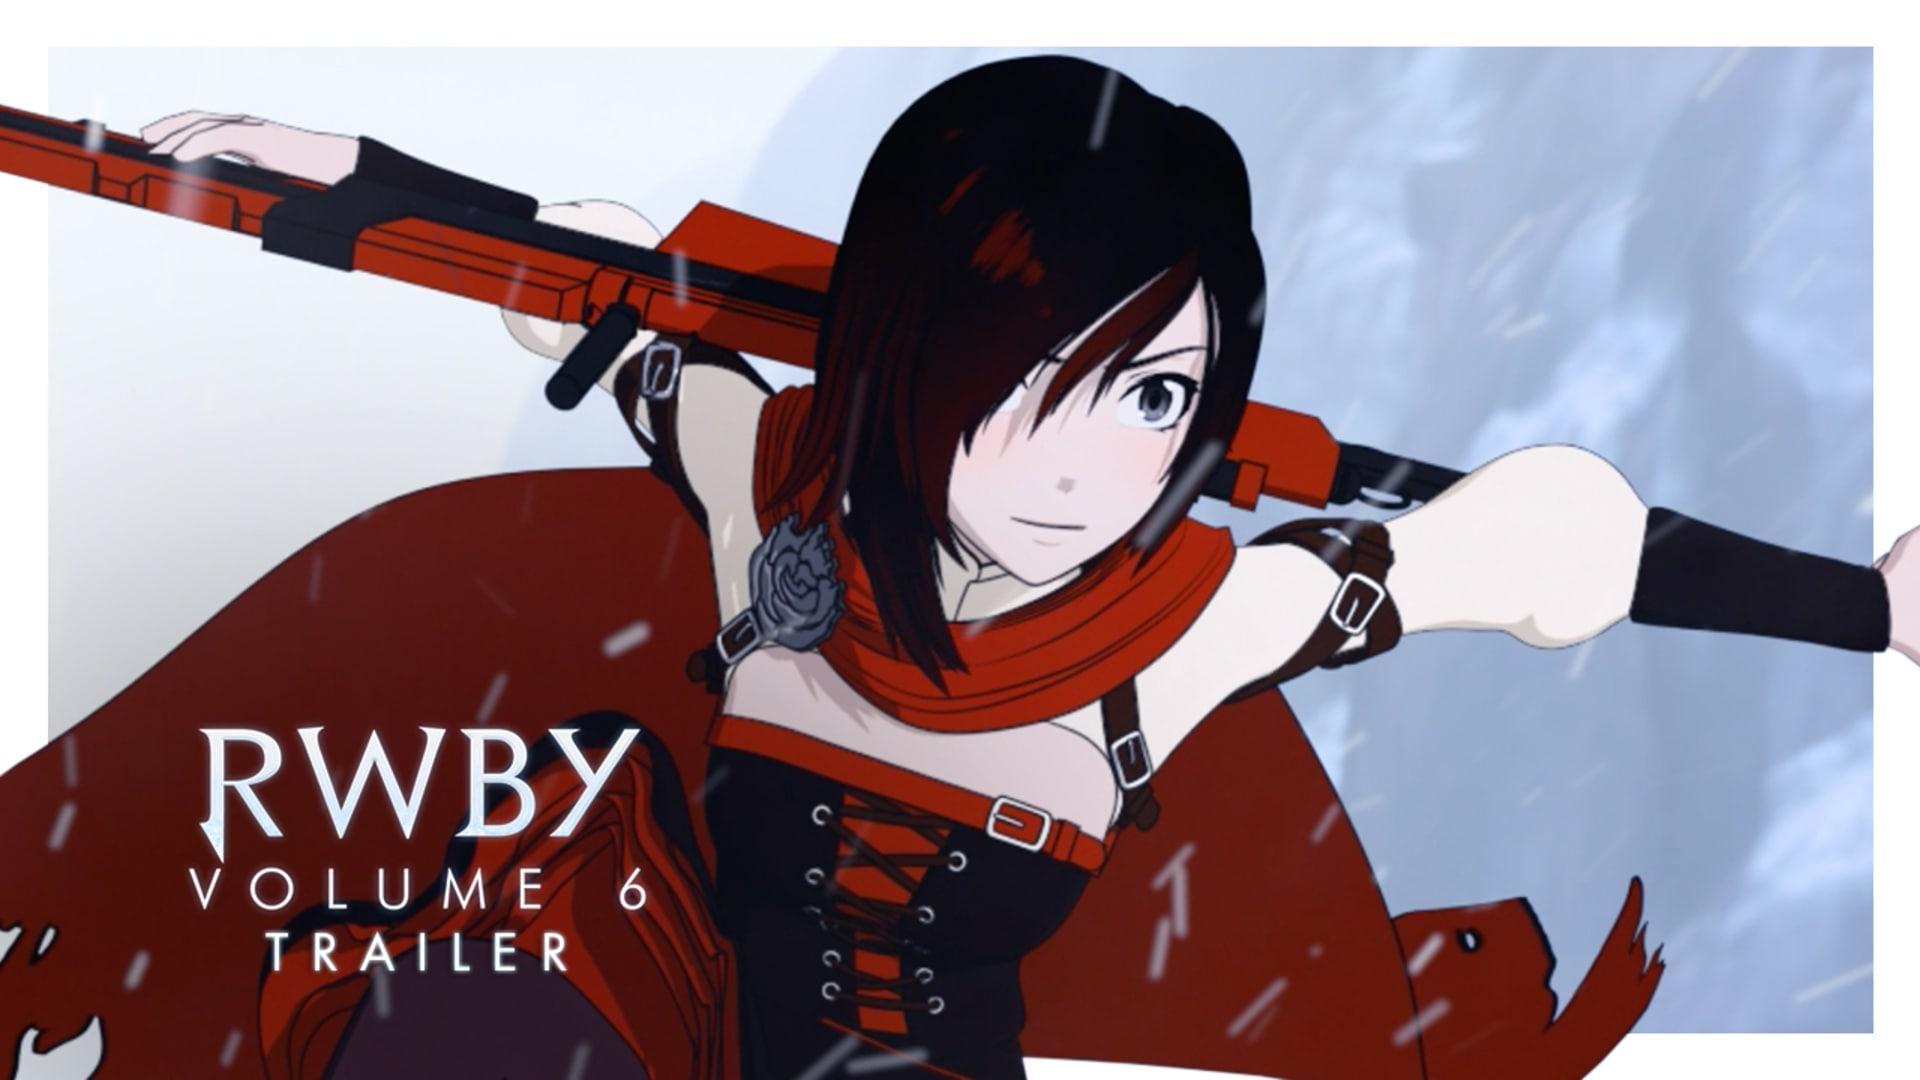 RWBY Volume 6 Trailer - Rooster Teeth